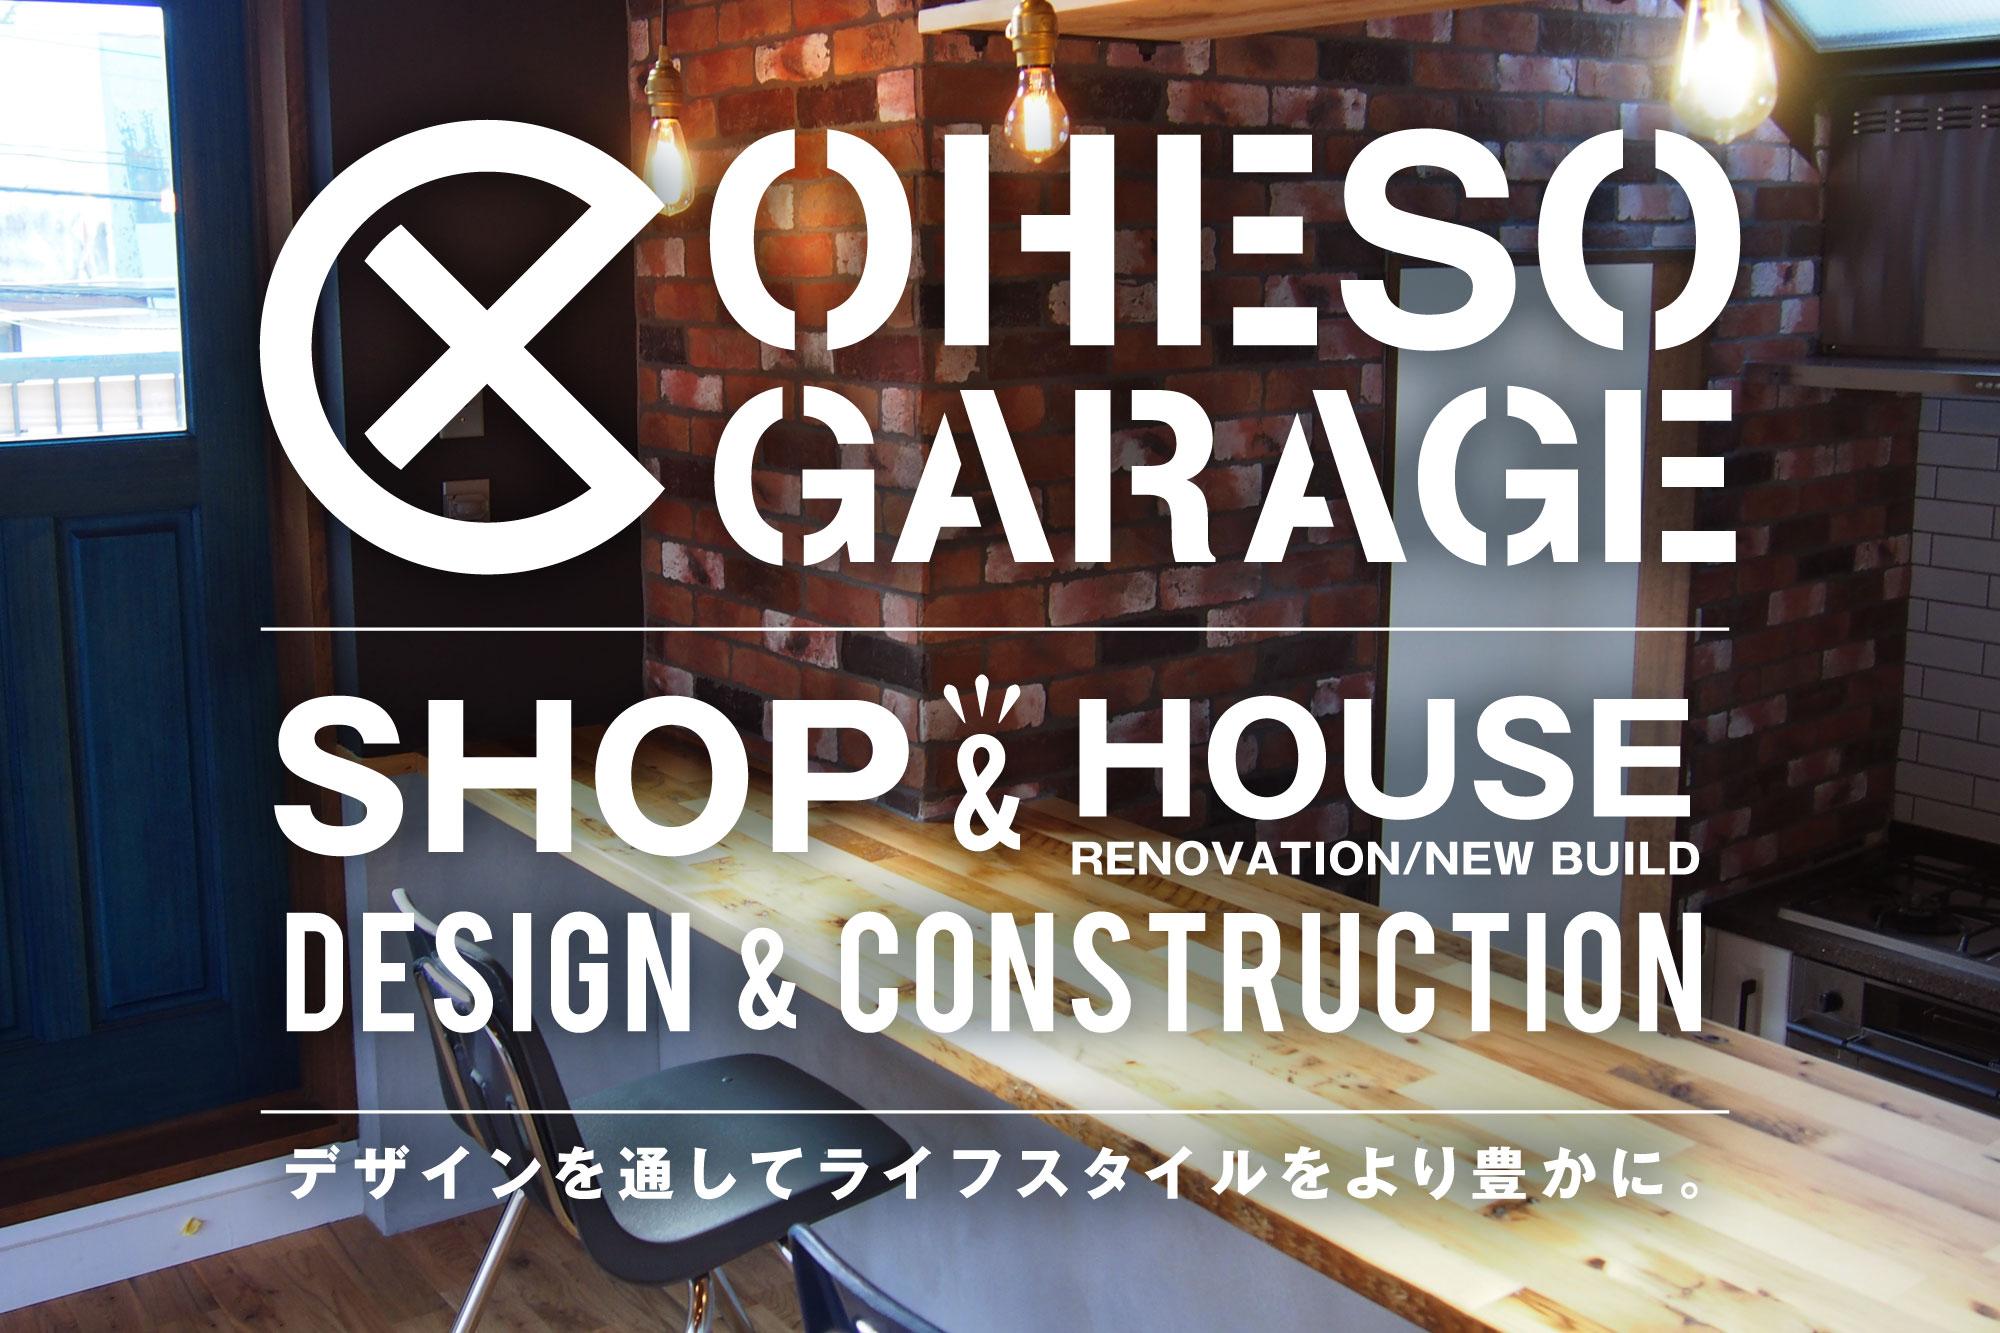 神奈川 厚木 リノベーション 店舗デザイン 設計 施工 の オヘソガレージ